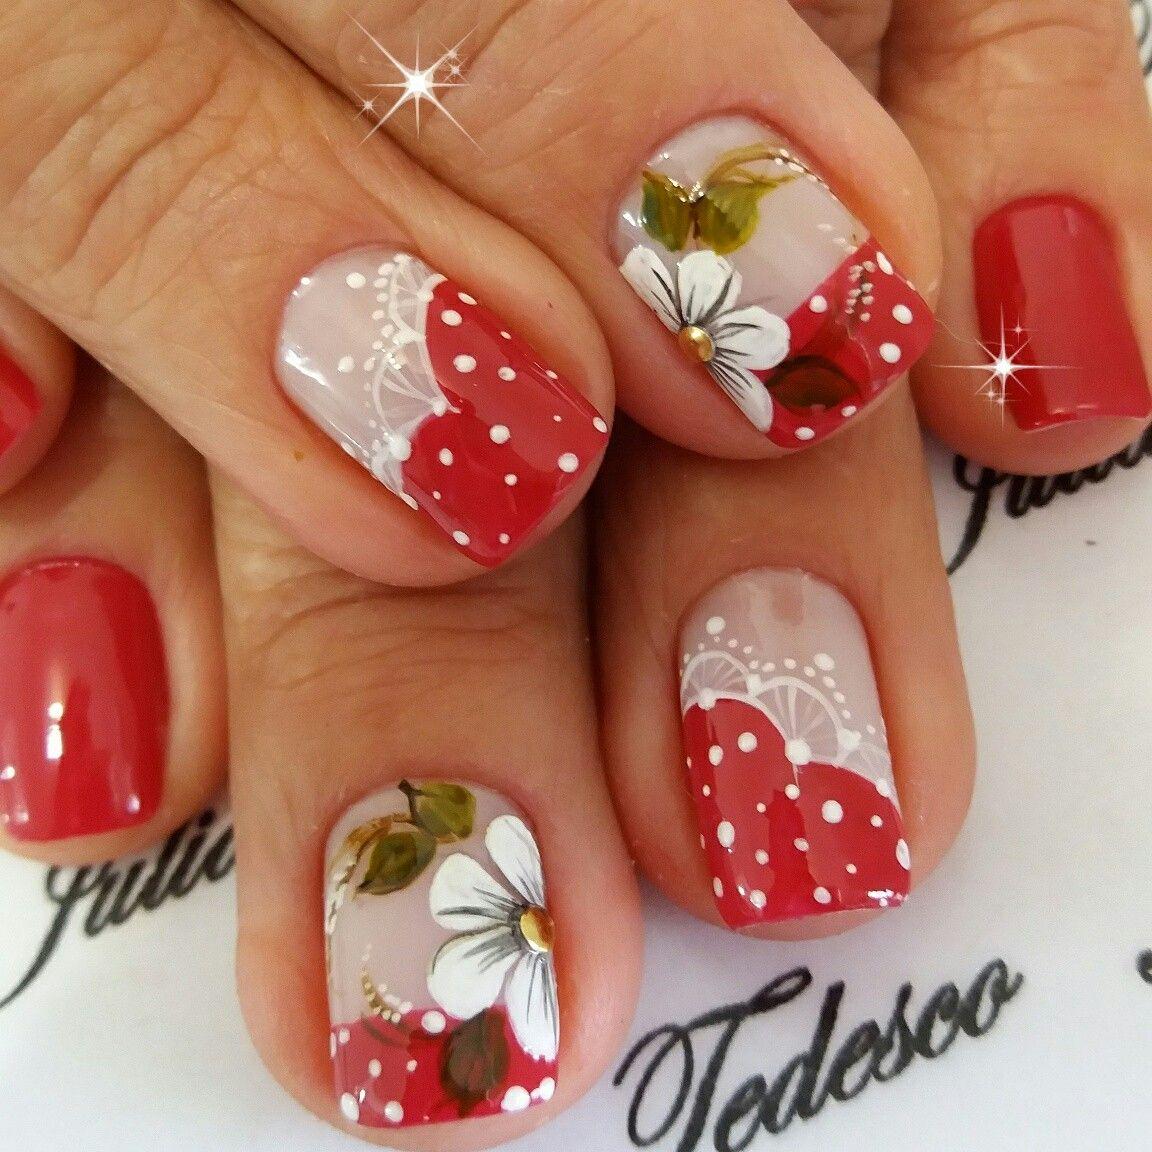 Pin by Juliana Tedesco on unhas de artes | Pinterest | Pedicure nail ...